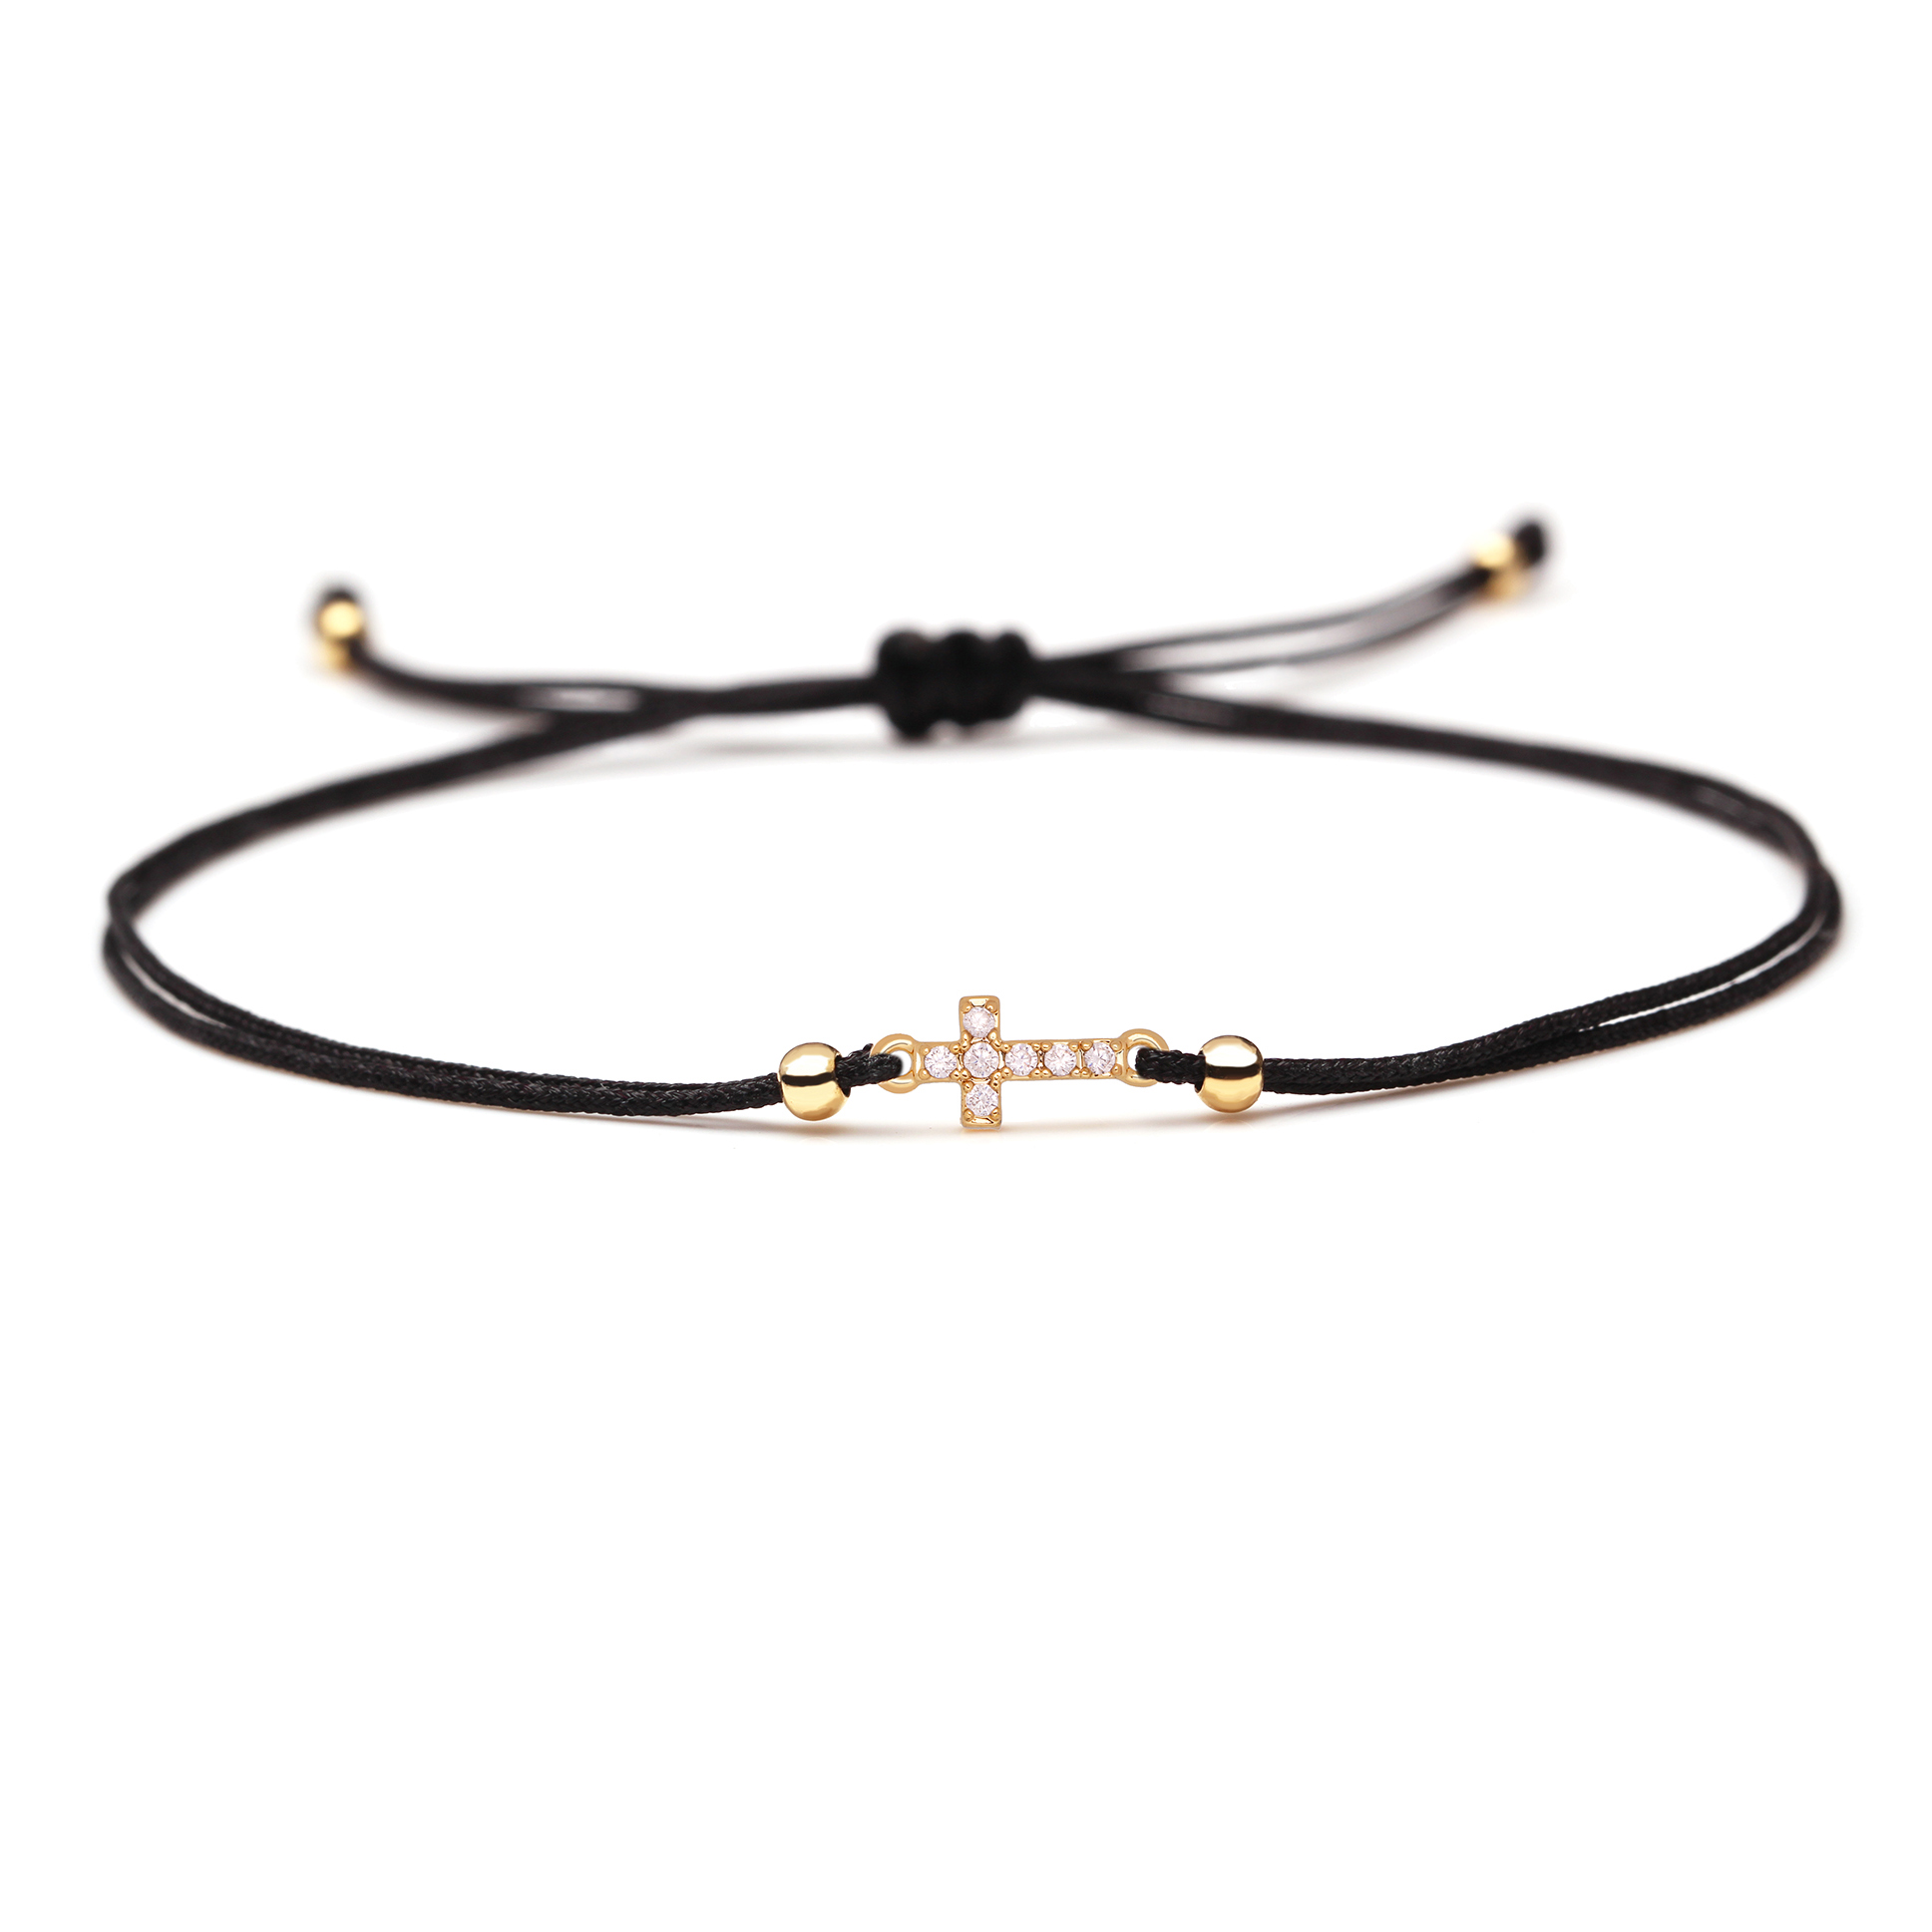 Медные плетеные мини-браслеты с фианитами и кристаллами, для женщин и мужчин, высококачественные черные, розовые, красные нитки, крошечные ц...